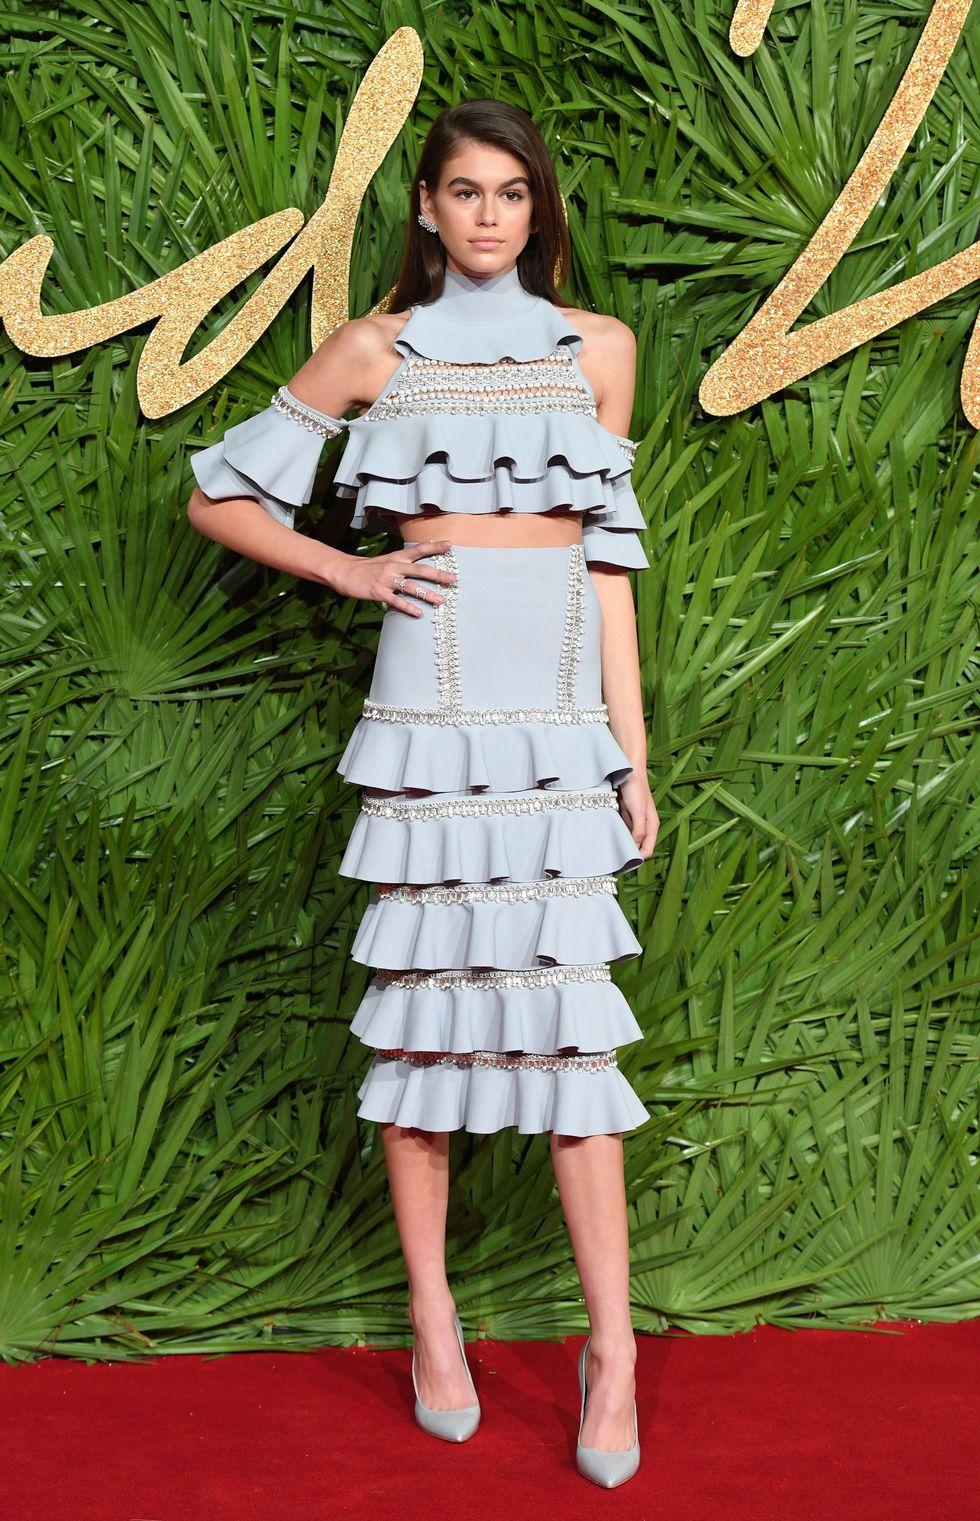 phong cách thời trang người mẫu Kaia Gerber 14